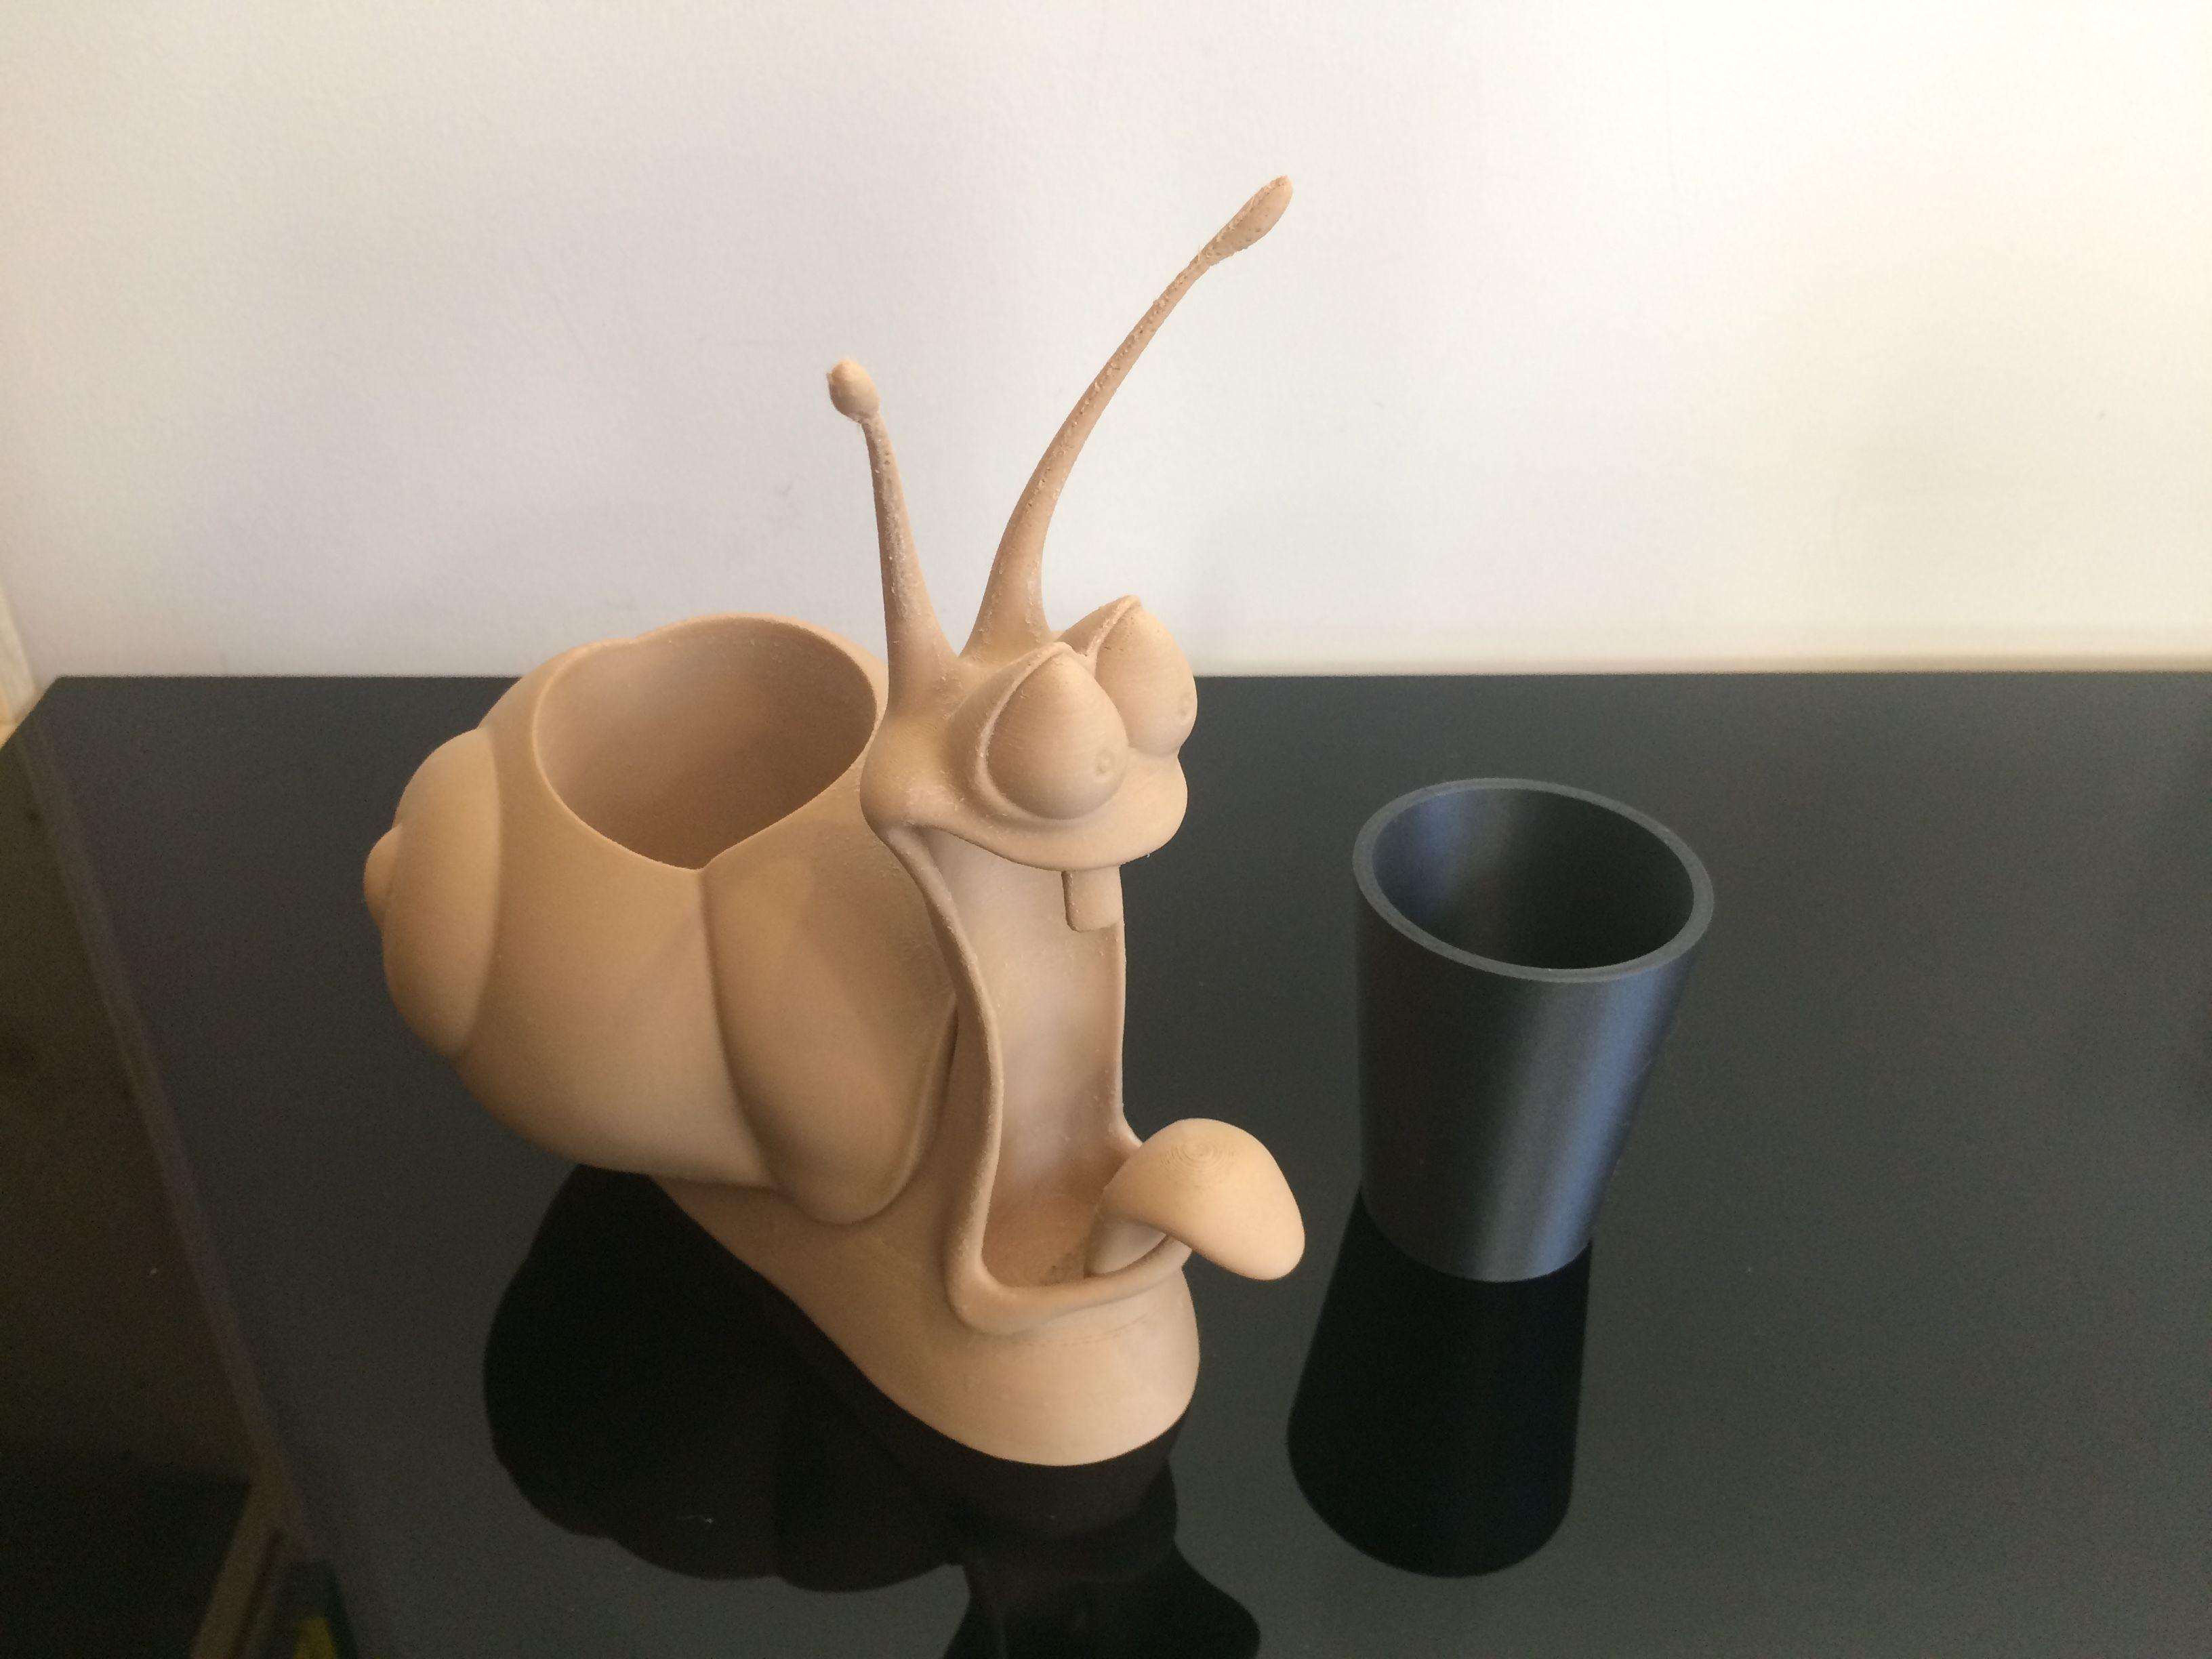 pencil pot toothbrush pot snail